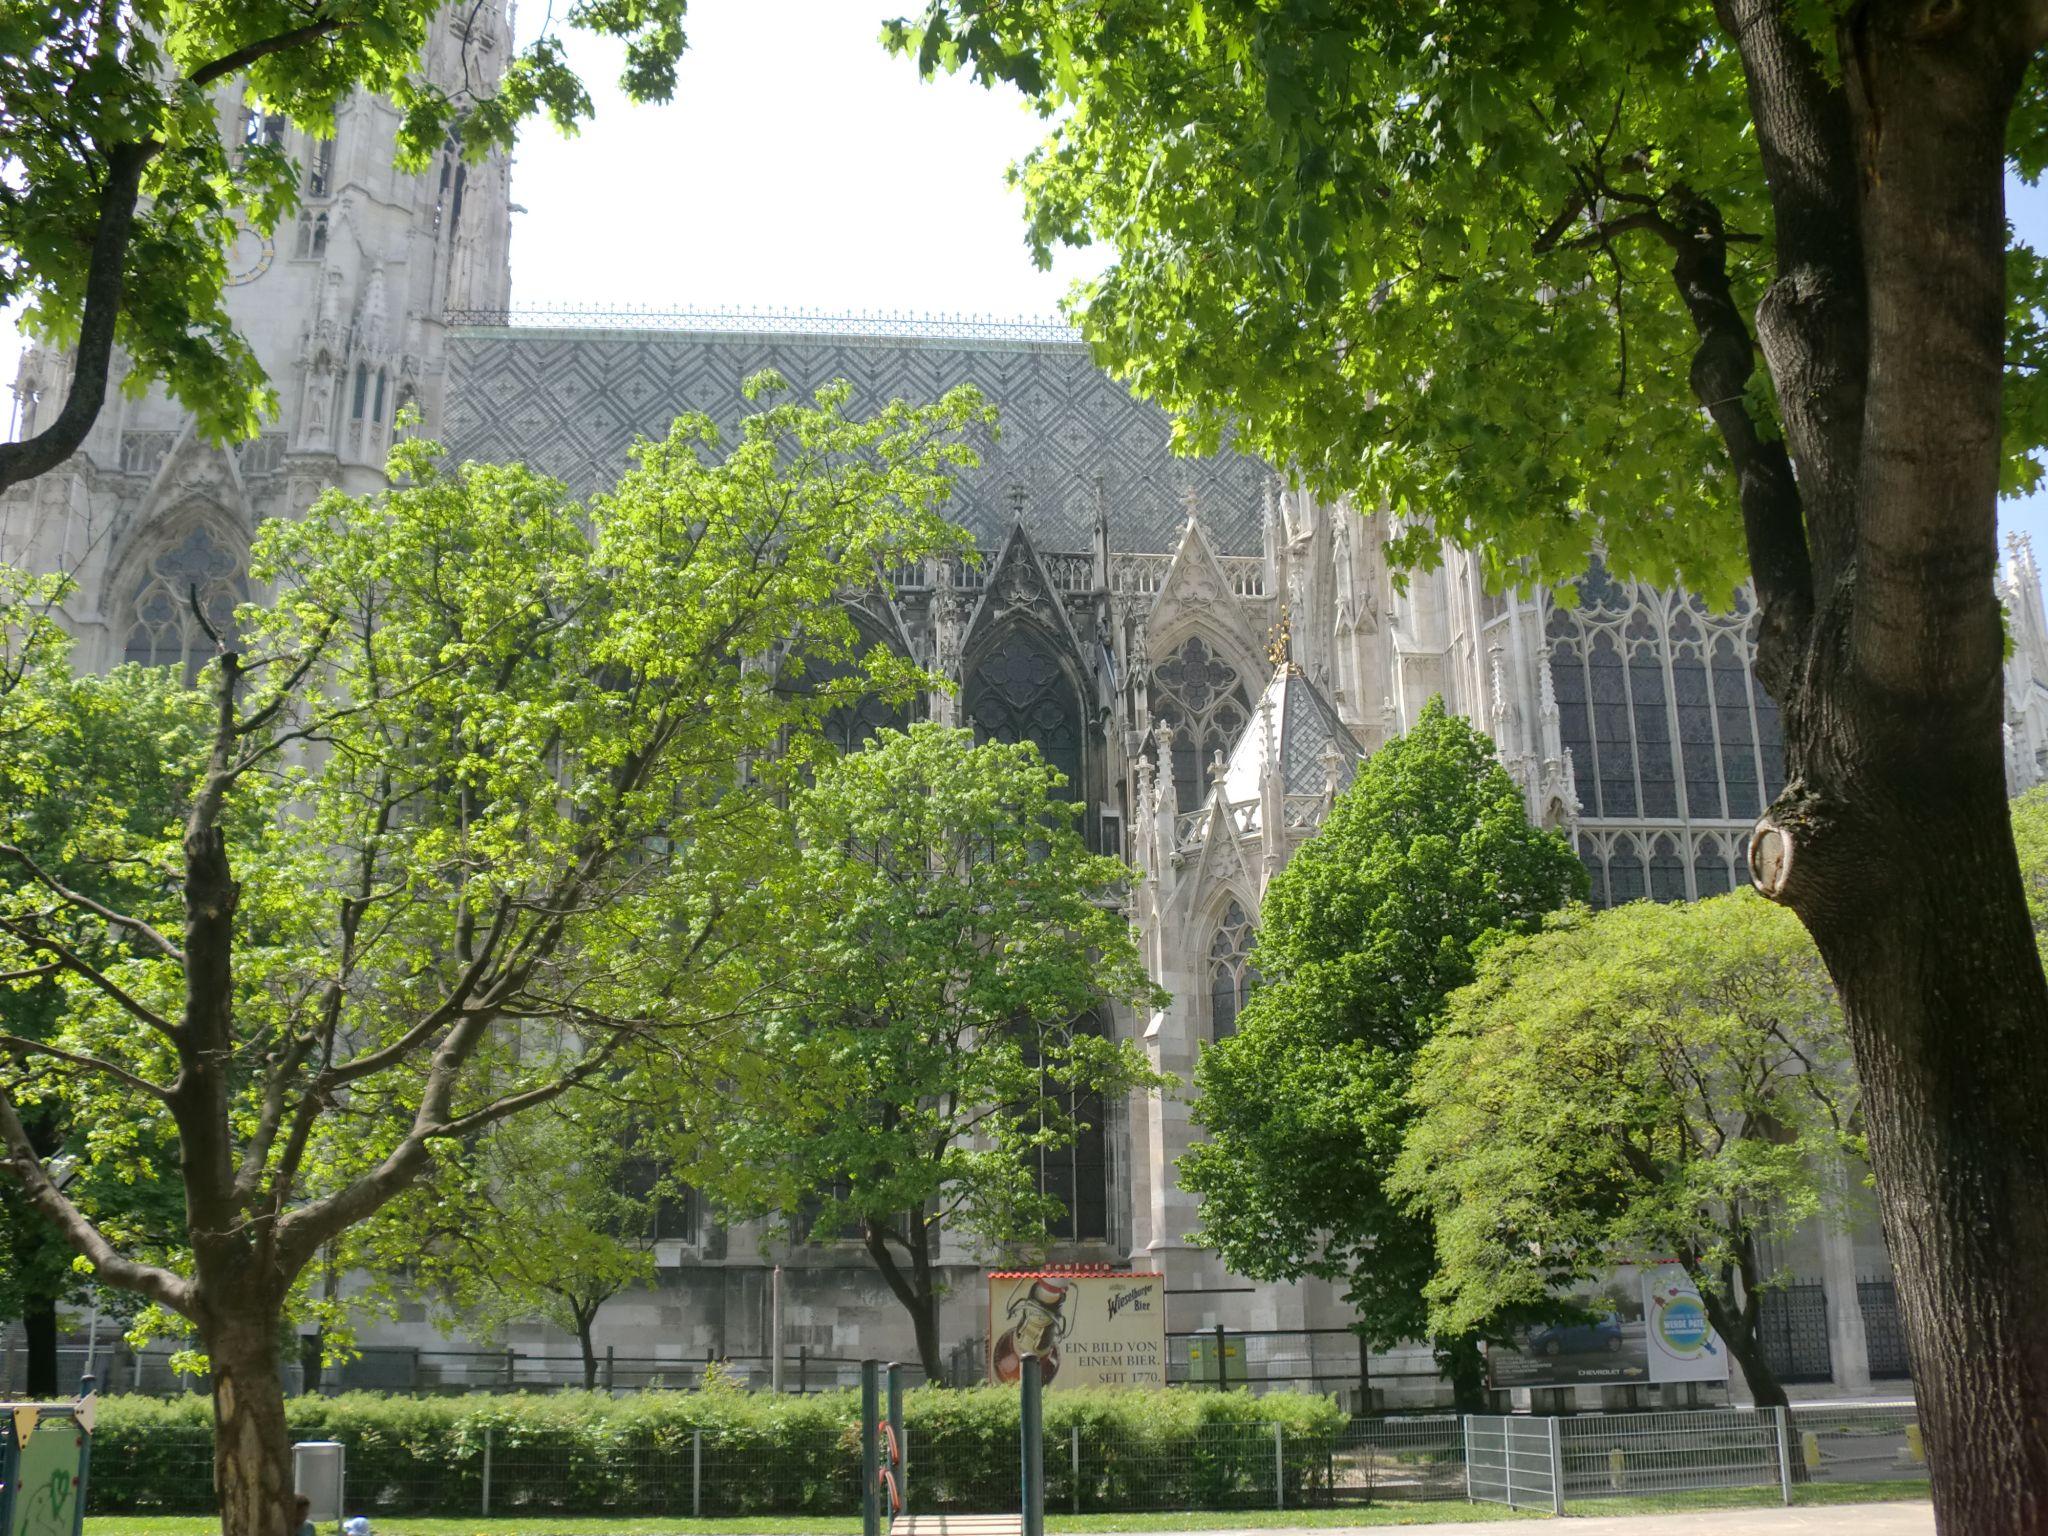 Vienna cathedral 58 1440x1080 - Vienna: elegant beauty